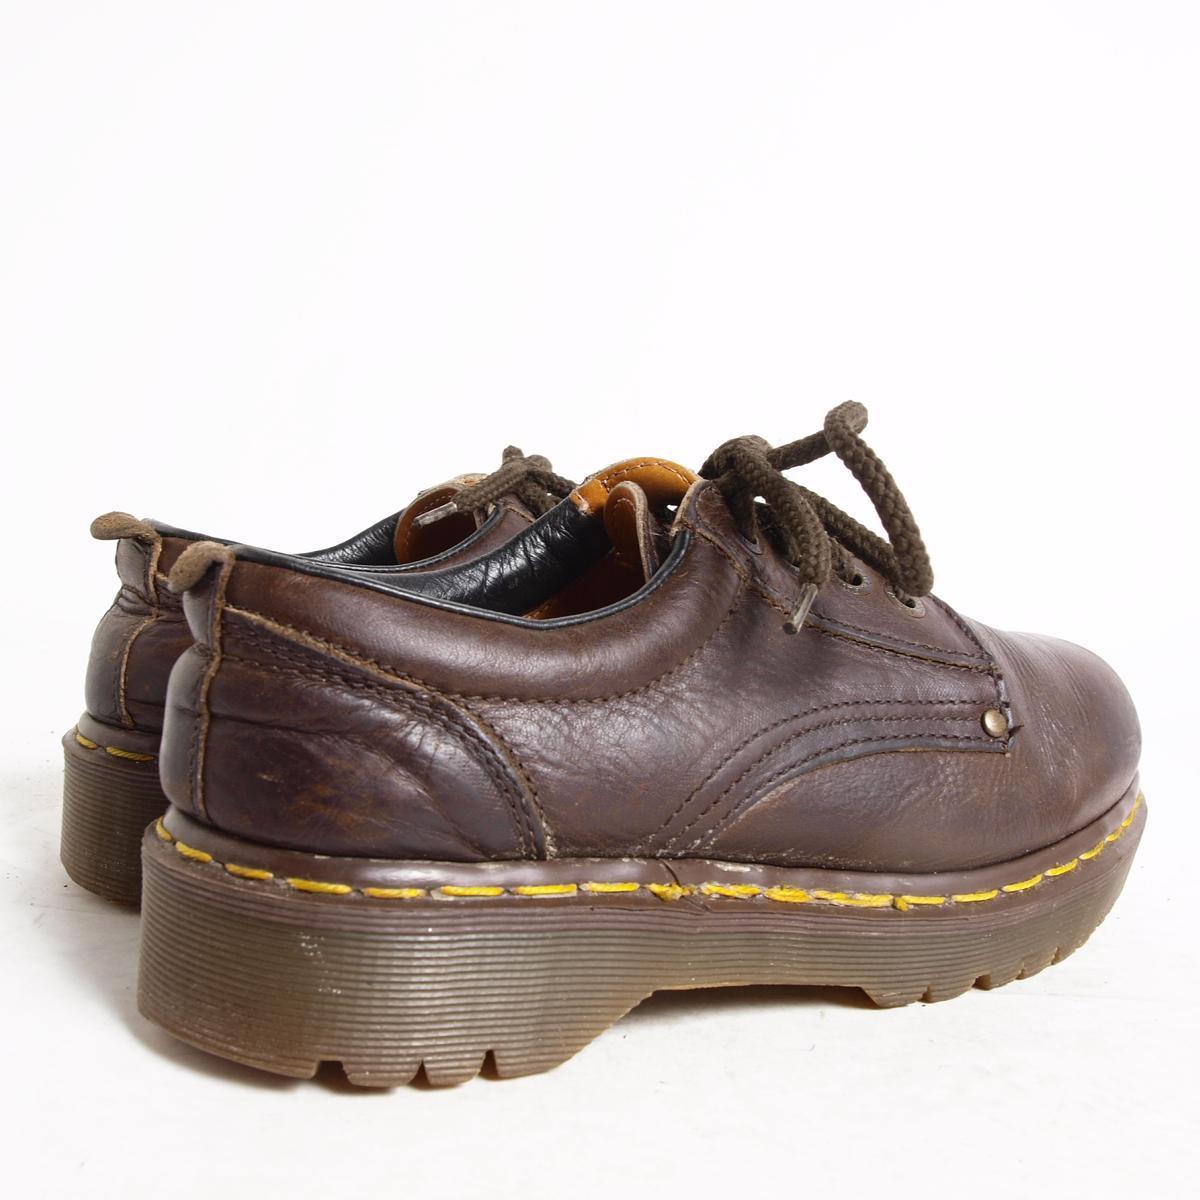 UK7 men 25.5cm /bol1952 made in the doctor Martin Dr.Martens 4 hall shoes U.K.